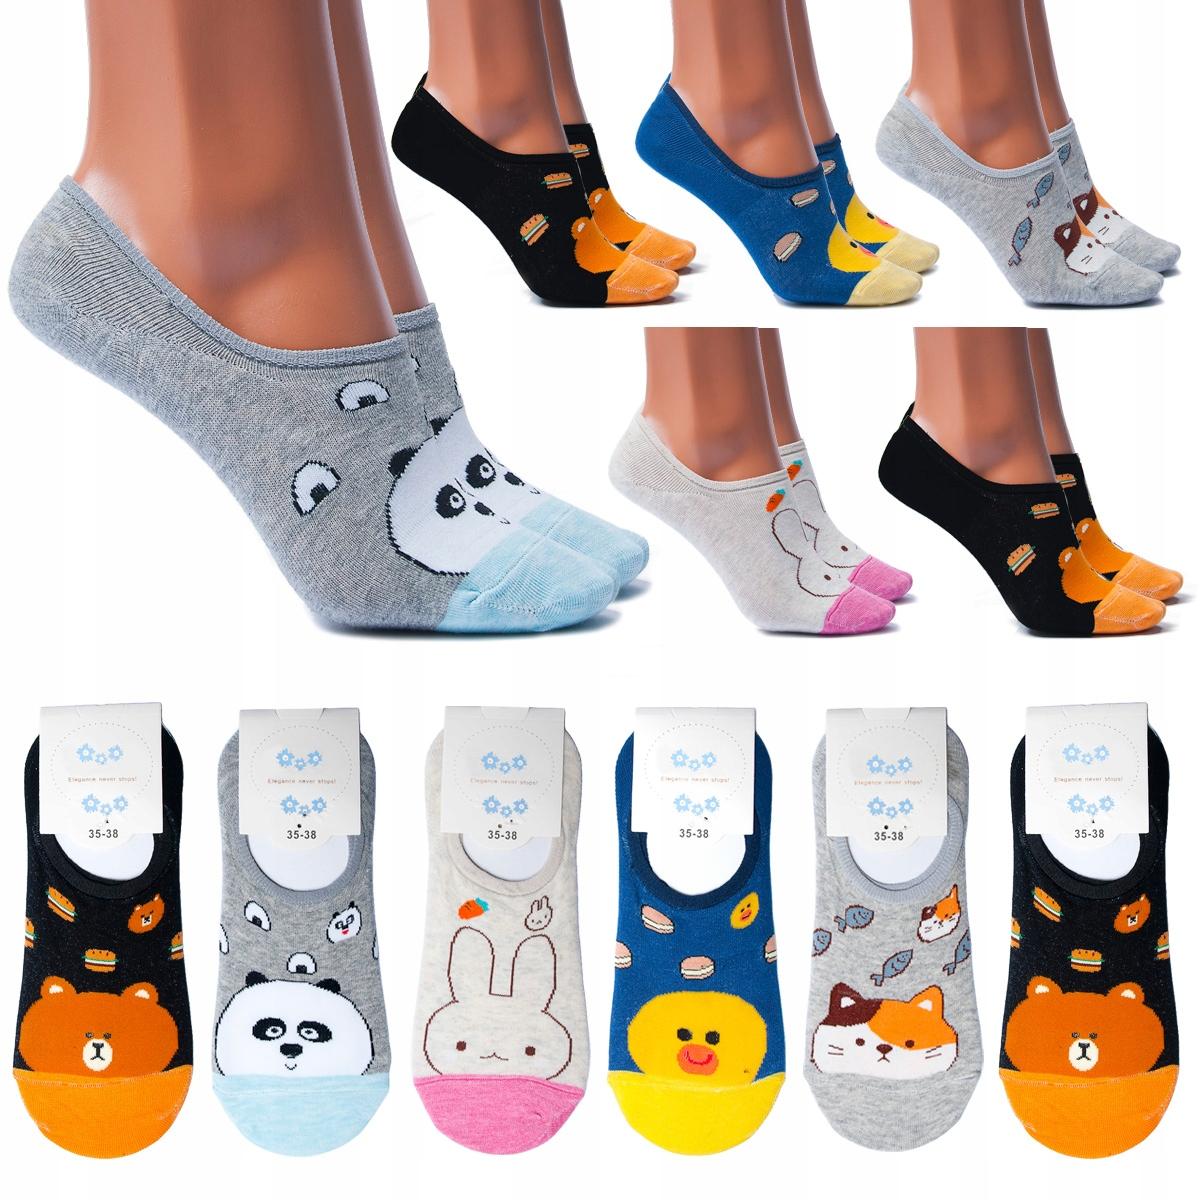 5 х женские хлопковые носки цветные нижние колонтитулы